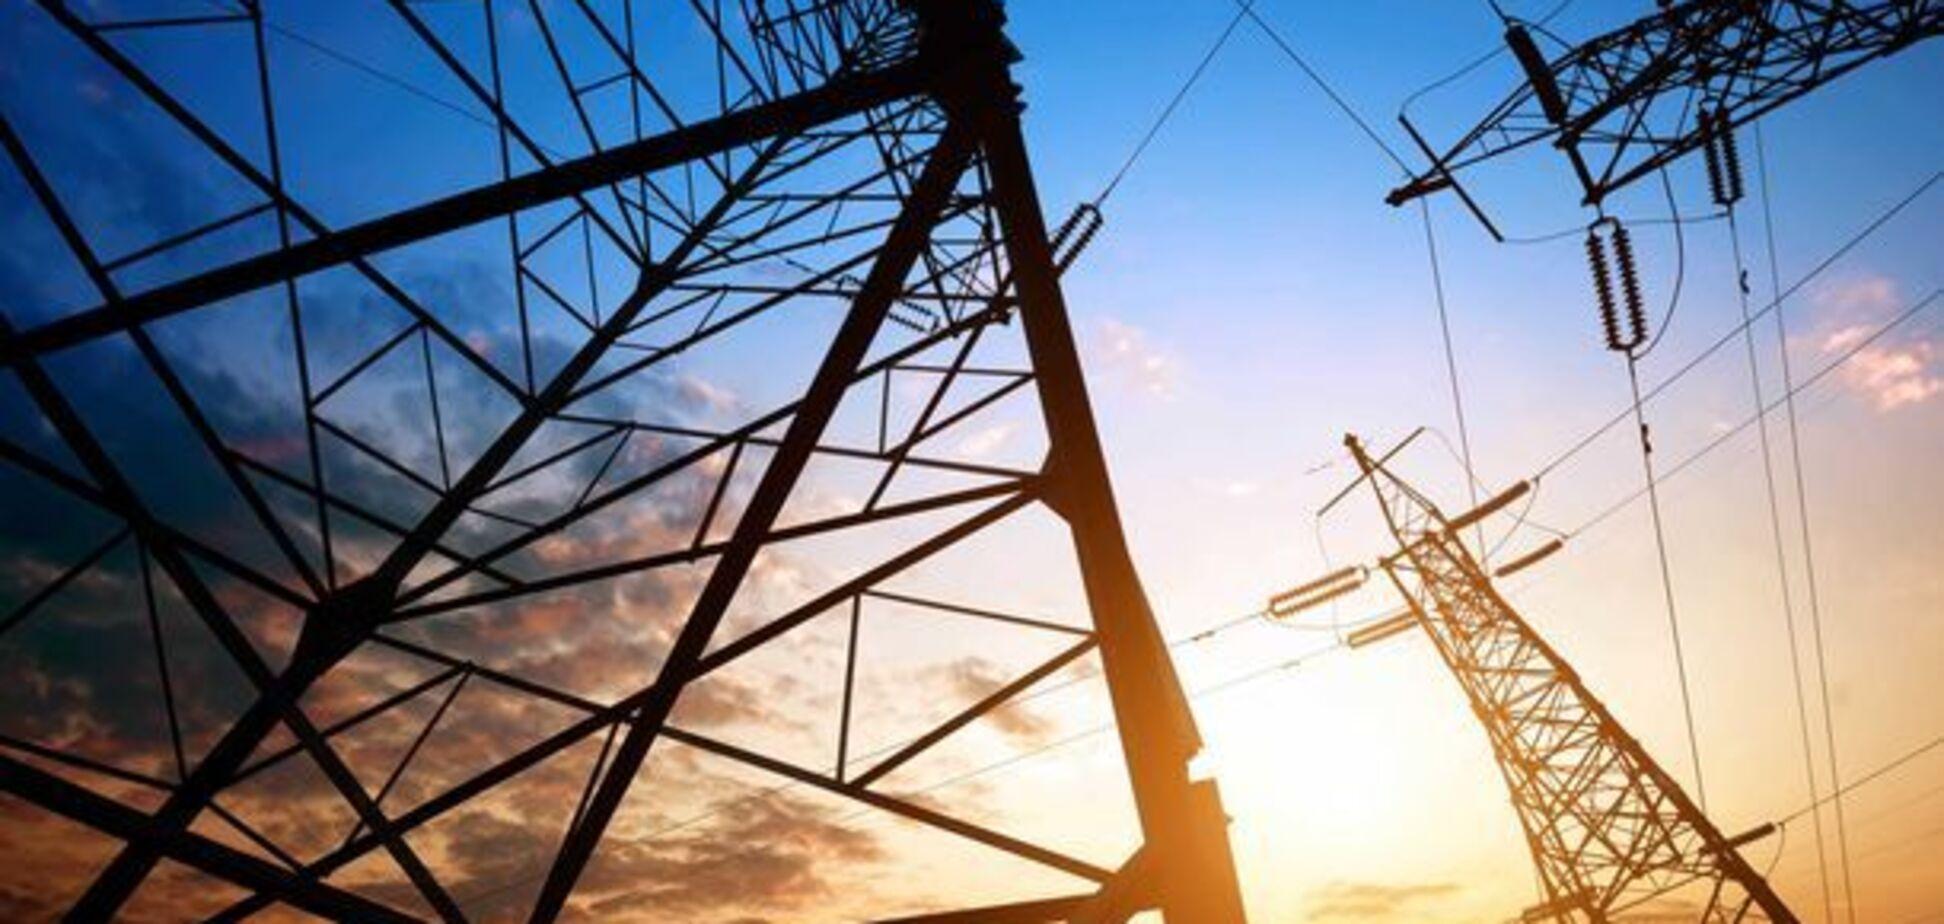 Год работы НКРЭКУ обошелся энергорынку в десятки миллиардов гривен, – Кучеренко